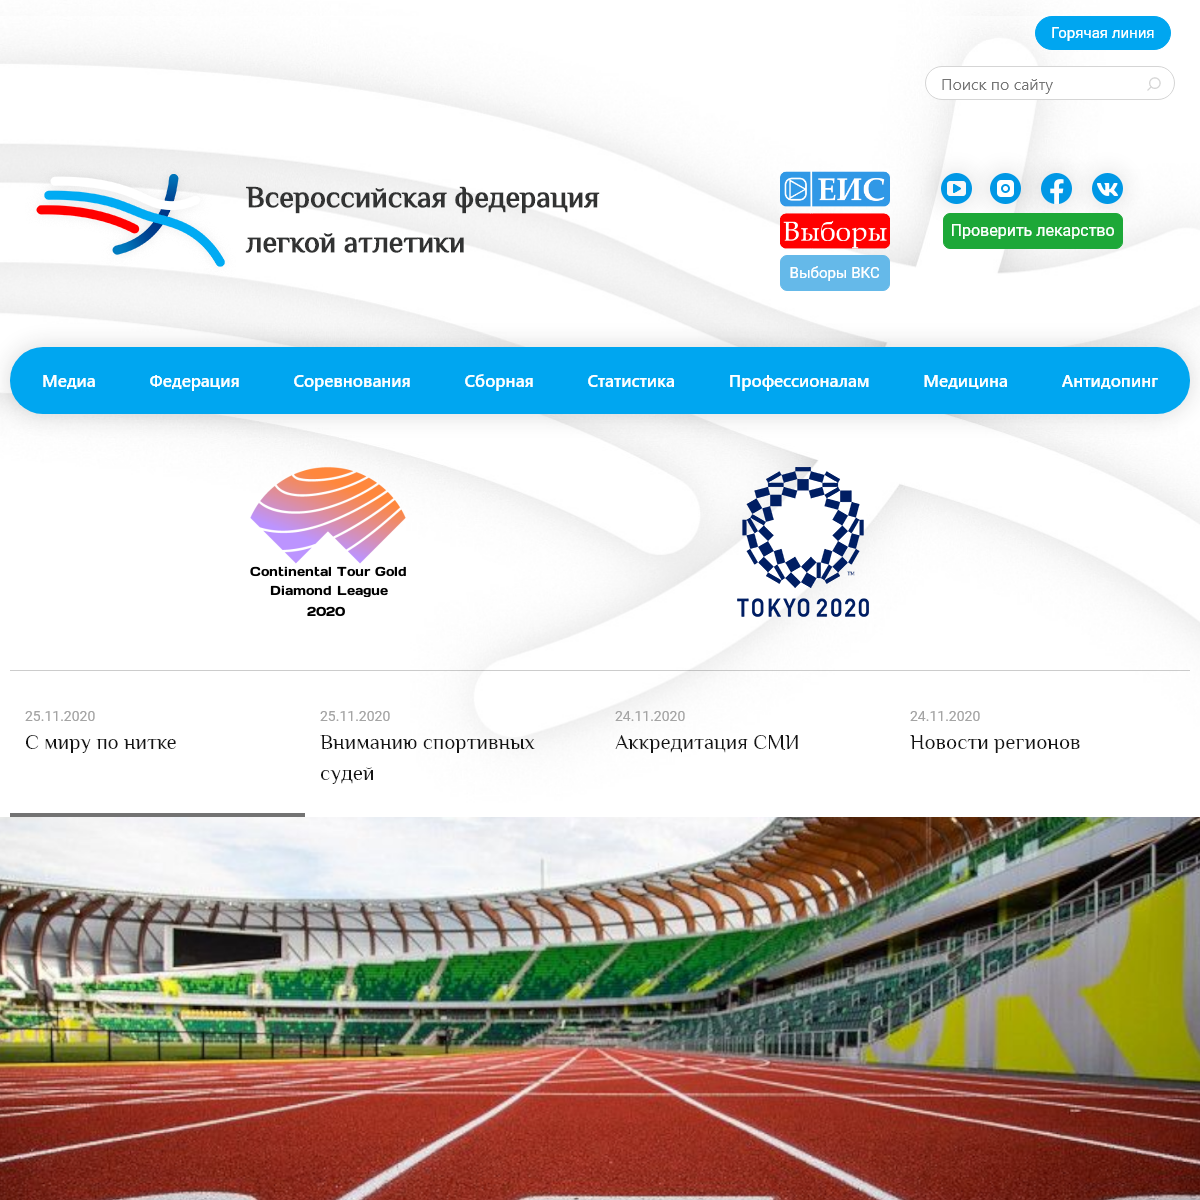 Всероссийская федерация легкой атлетики - ВФЛА. Спортивная органи�